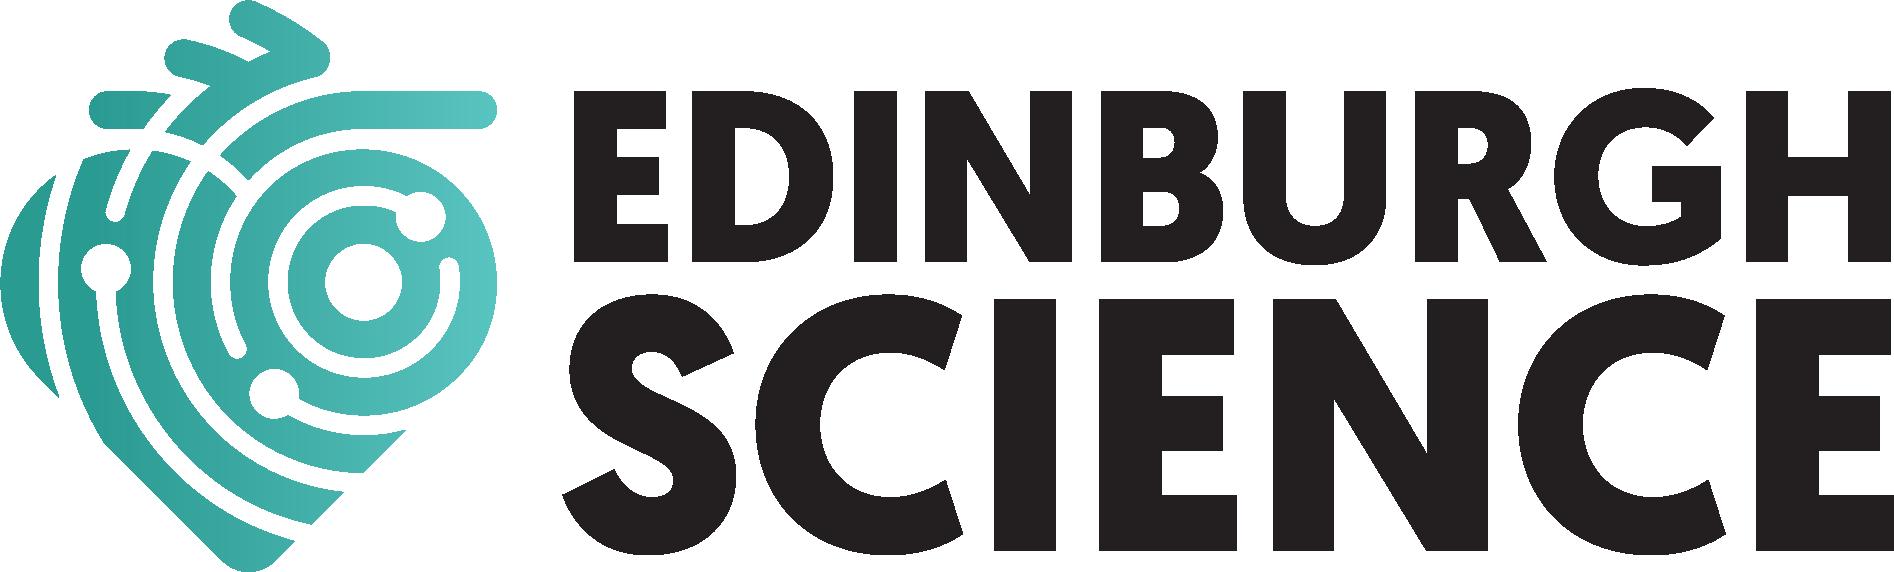 Homepage - Edinburgh Science